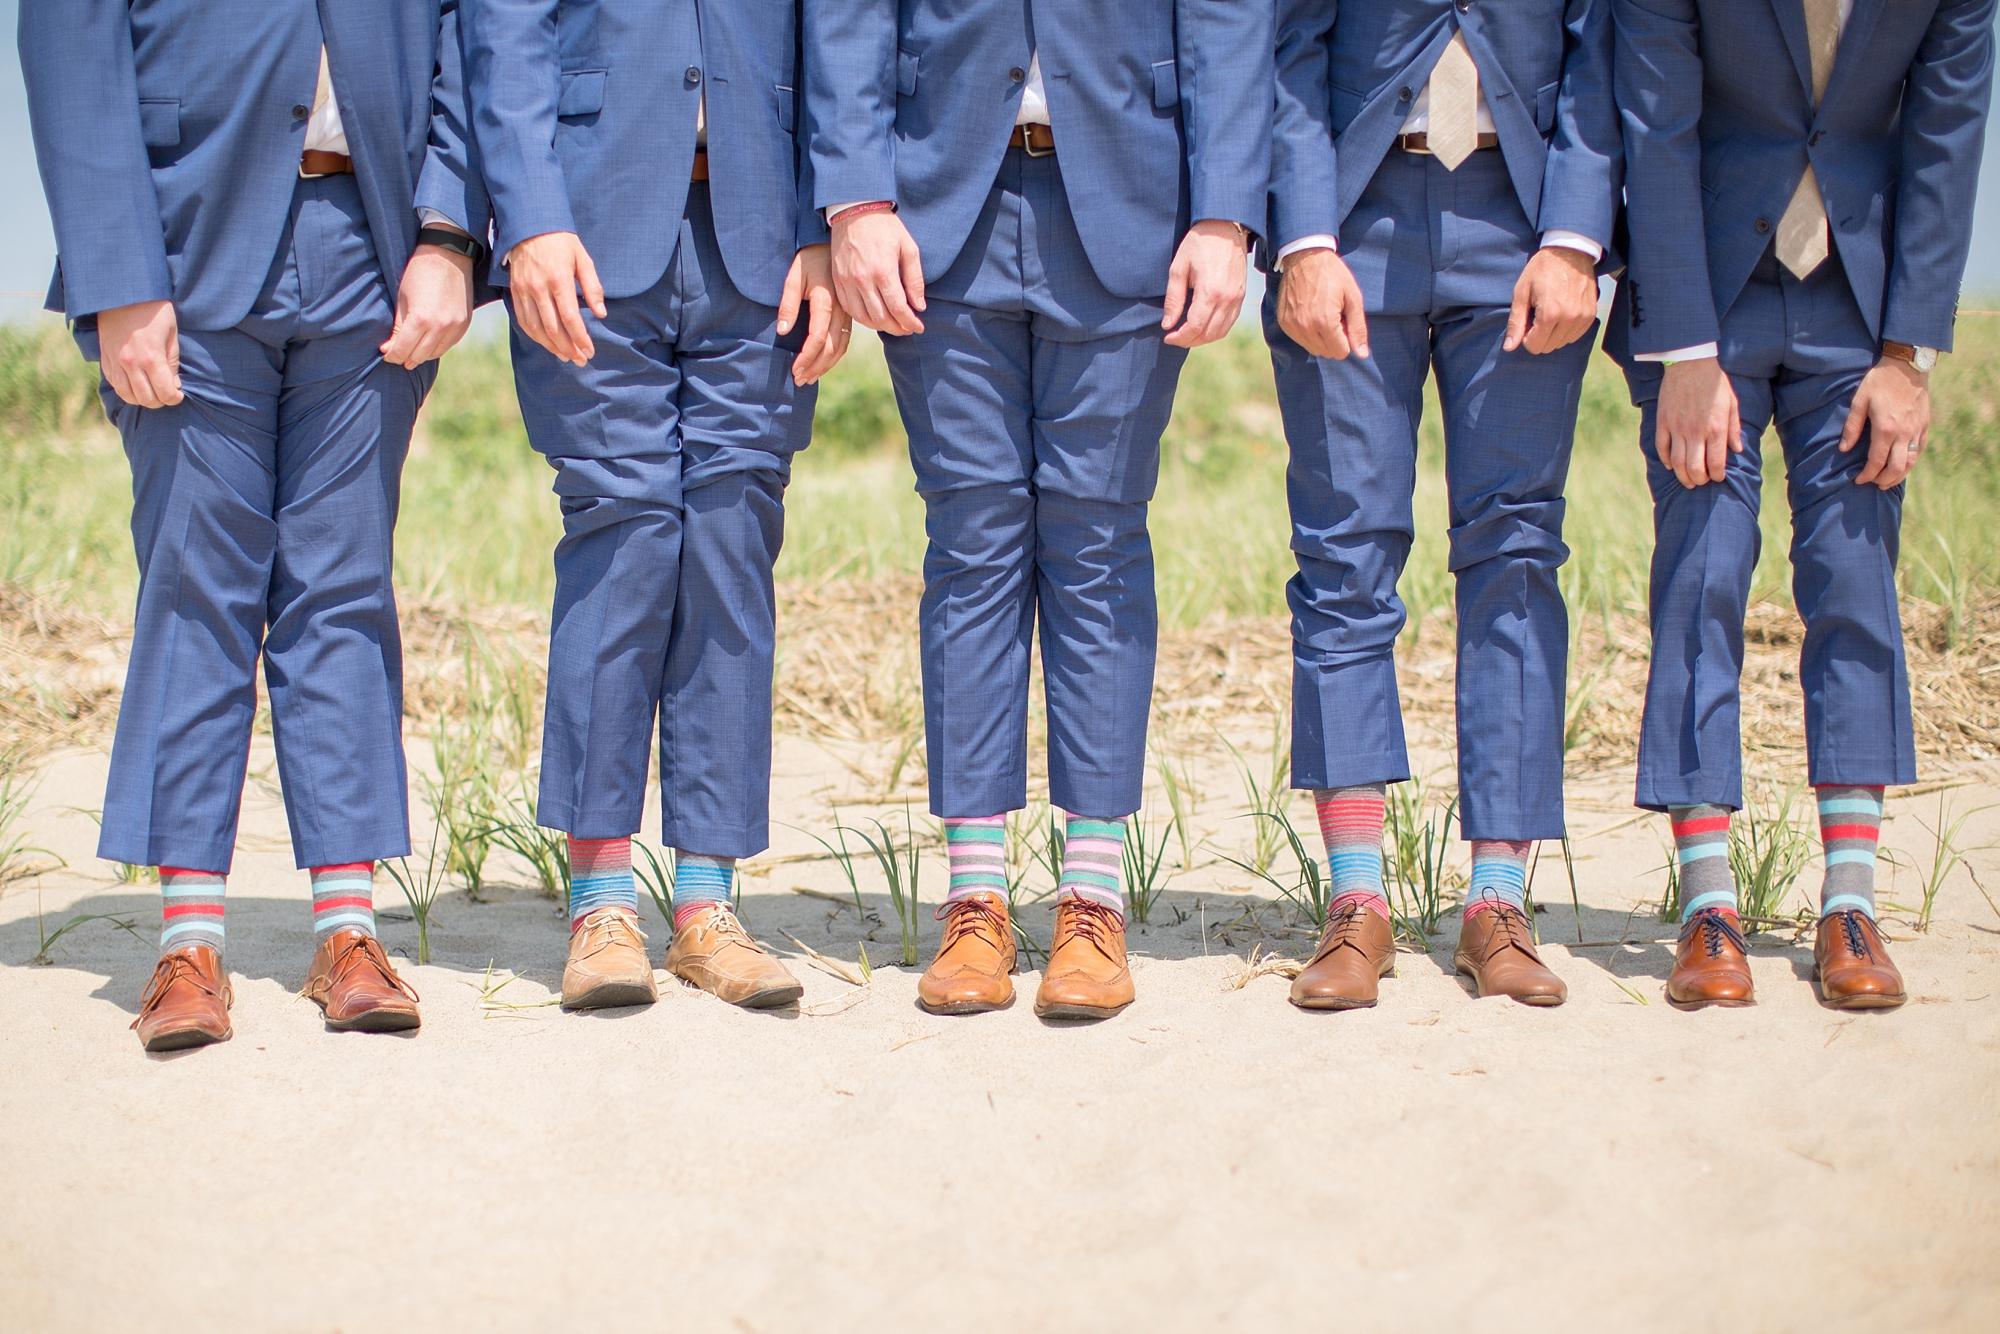 The groomsmen rocking the fun socks!